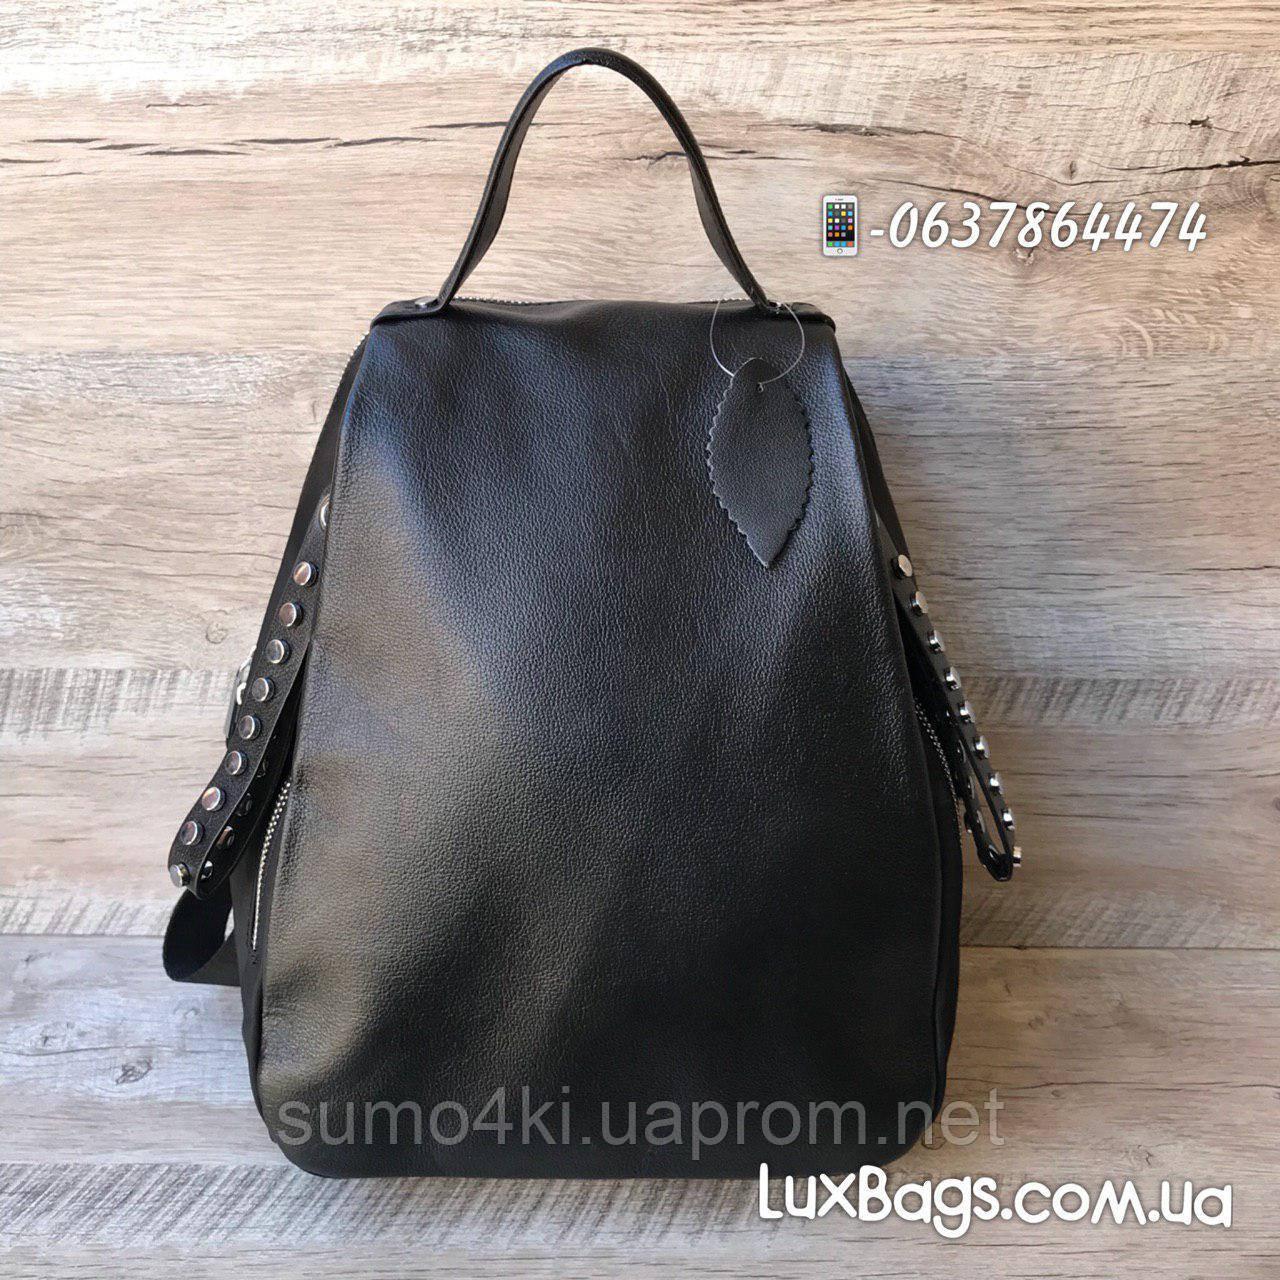 Женский стильный рюкзак кожа + плащевка, фото 1